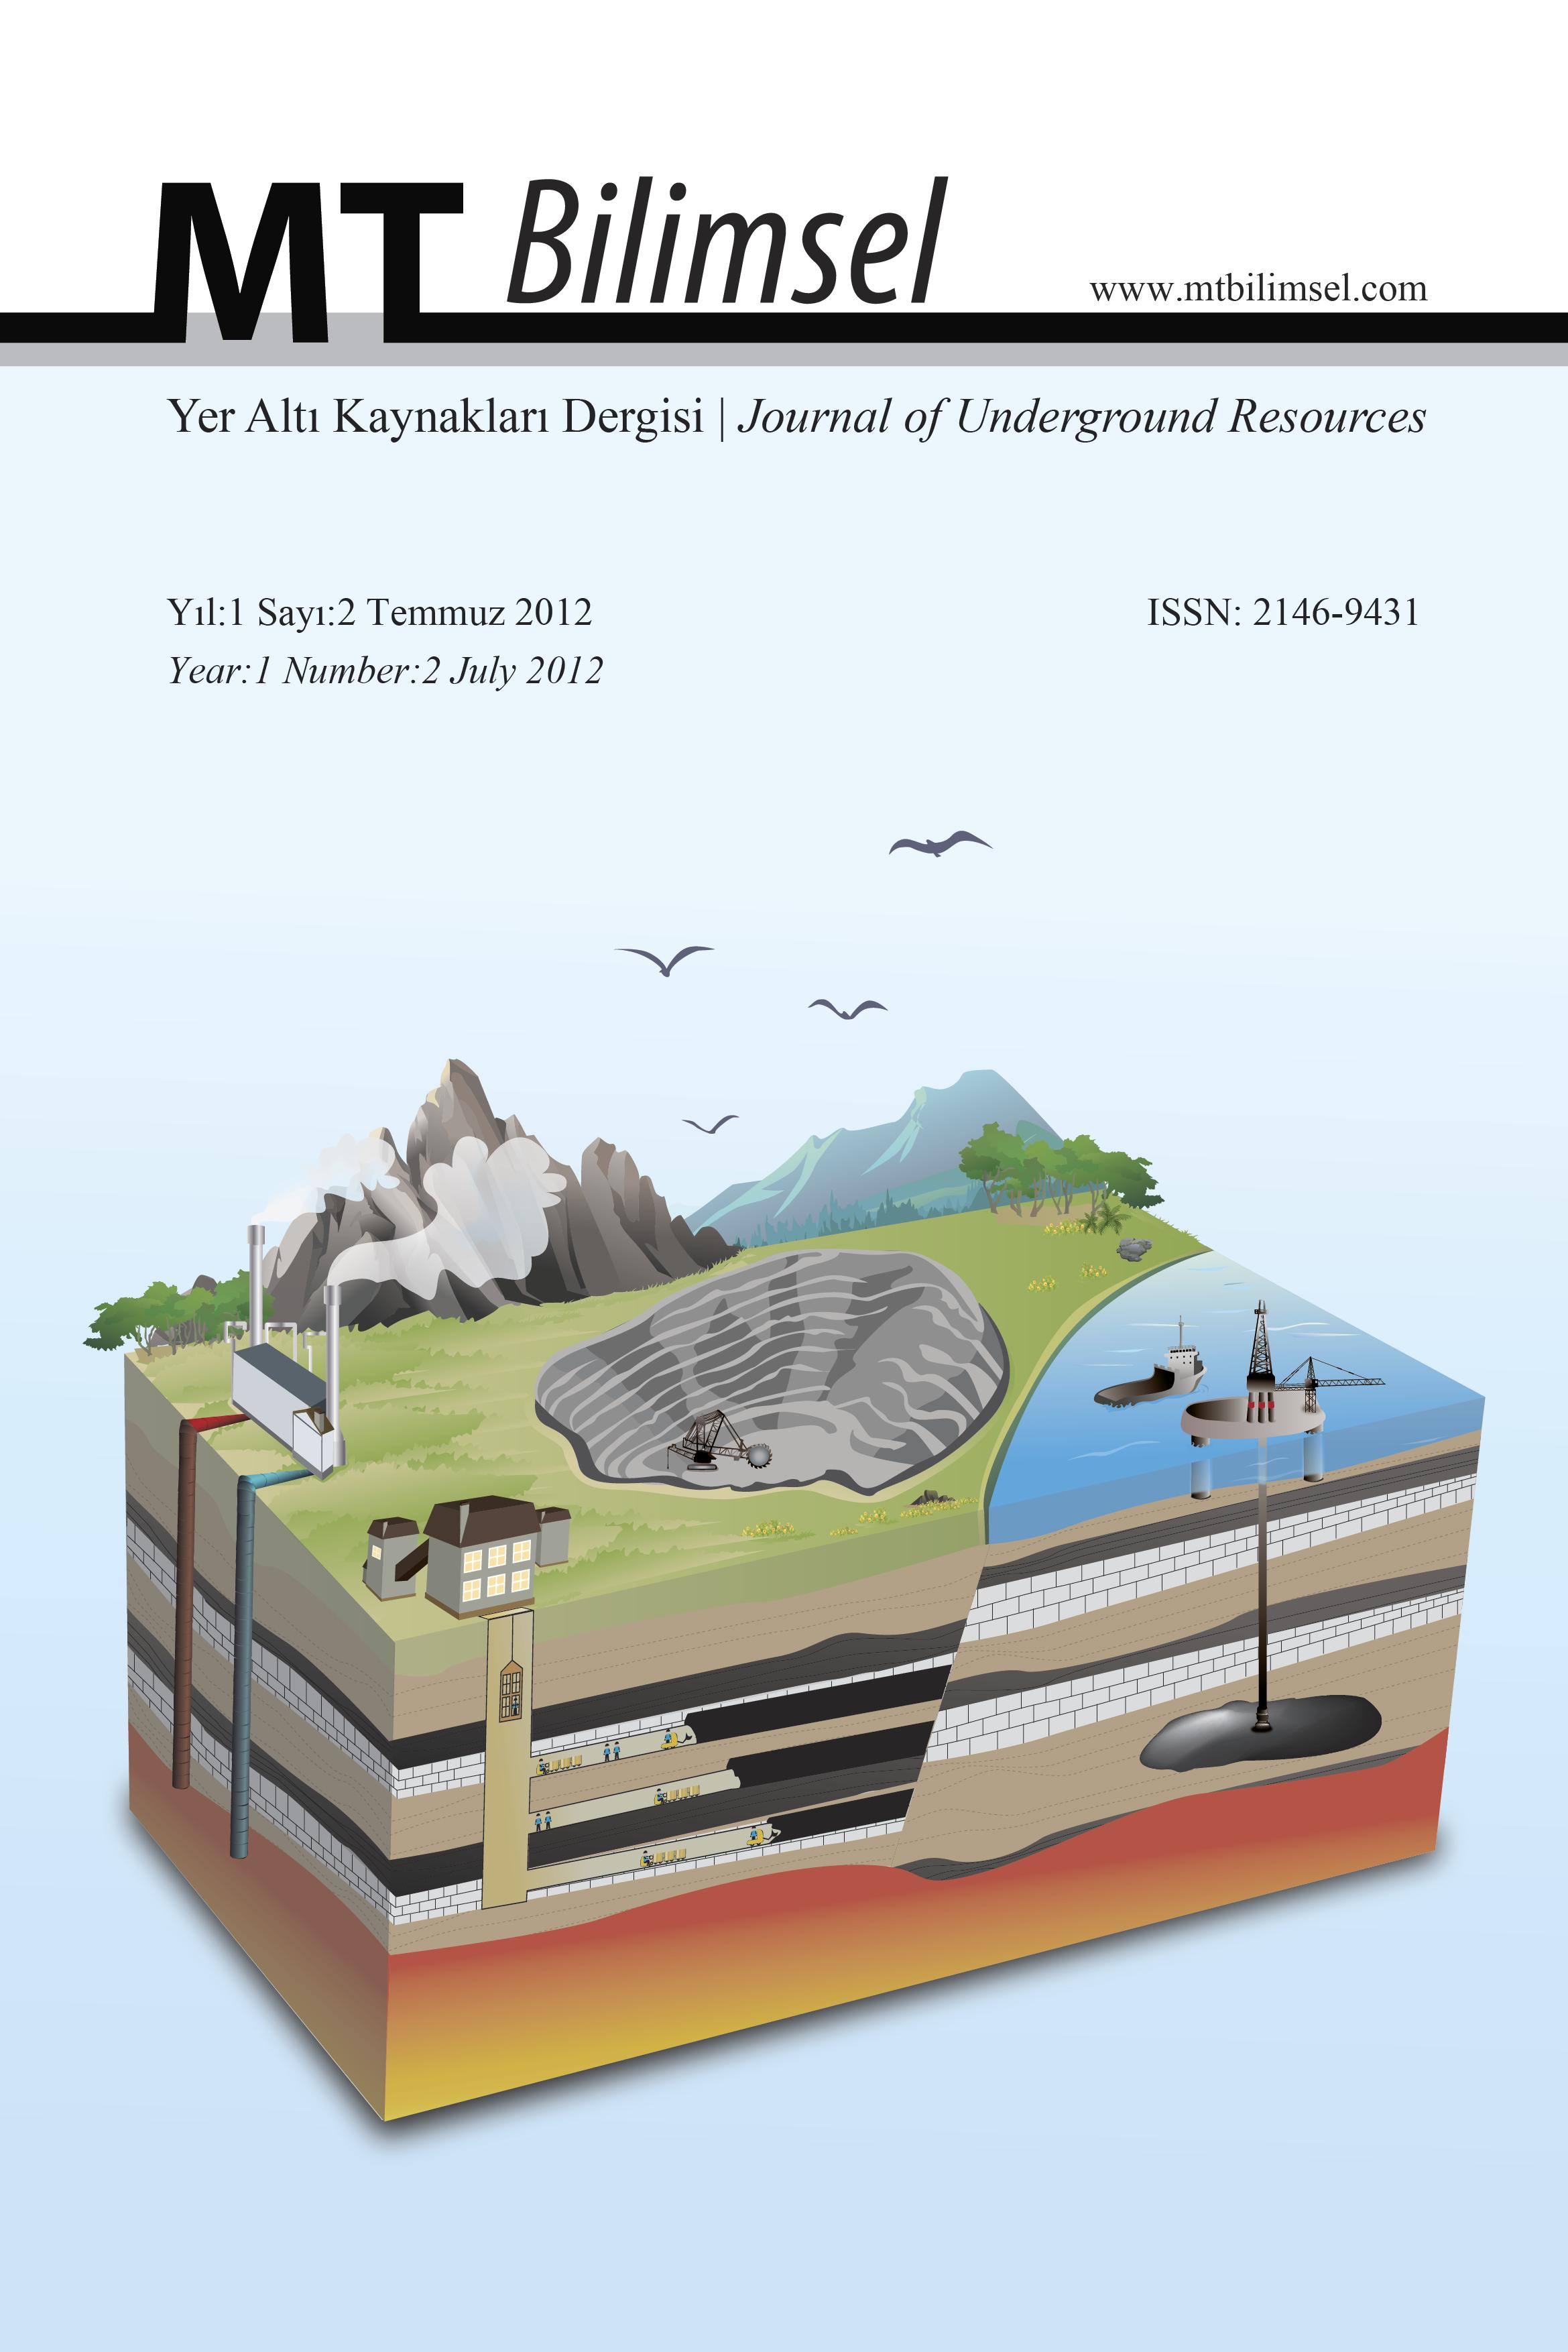 Journal of Underground Resources